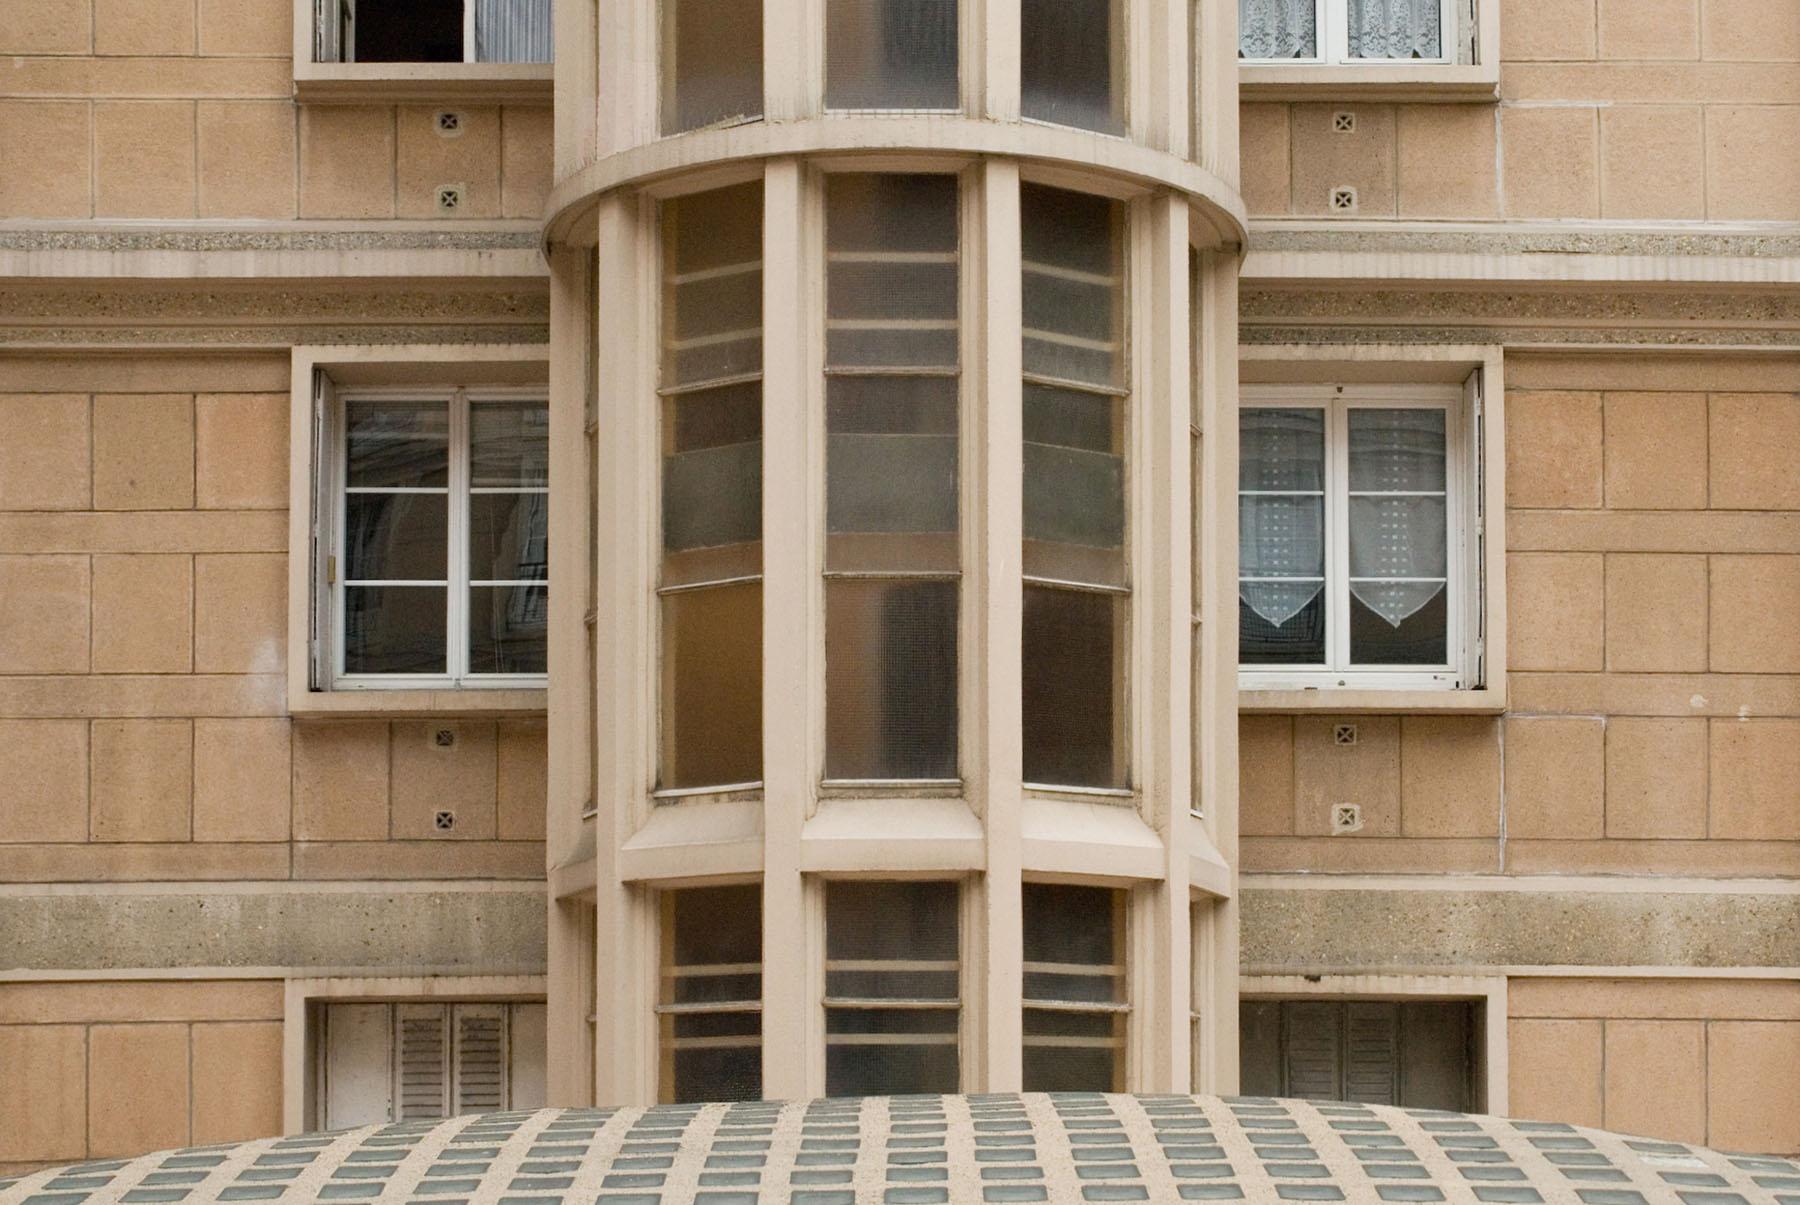 Die Wohninseln. Die Fassadenverkleidung aus Betonplatten wirkt aus der Entfernung und aus der Nähe wie Naturstein. Perret ließ den Baustoff unter anderem polieren, scharrieren und stocken.